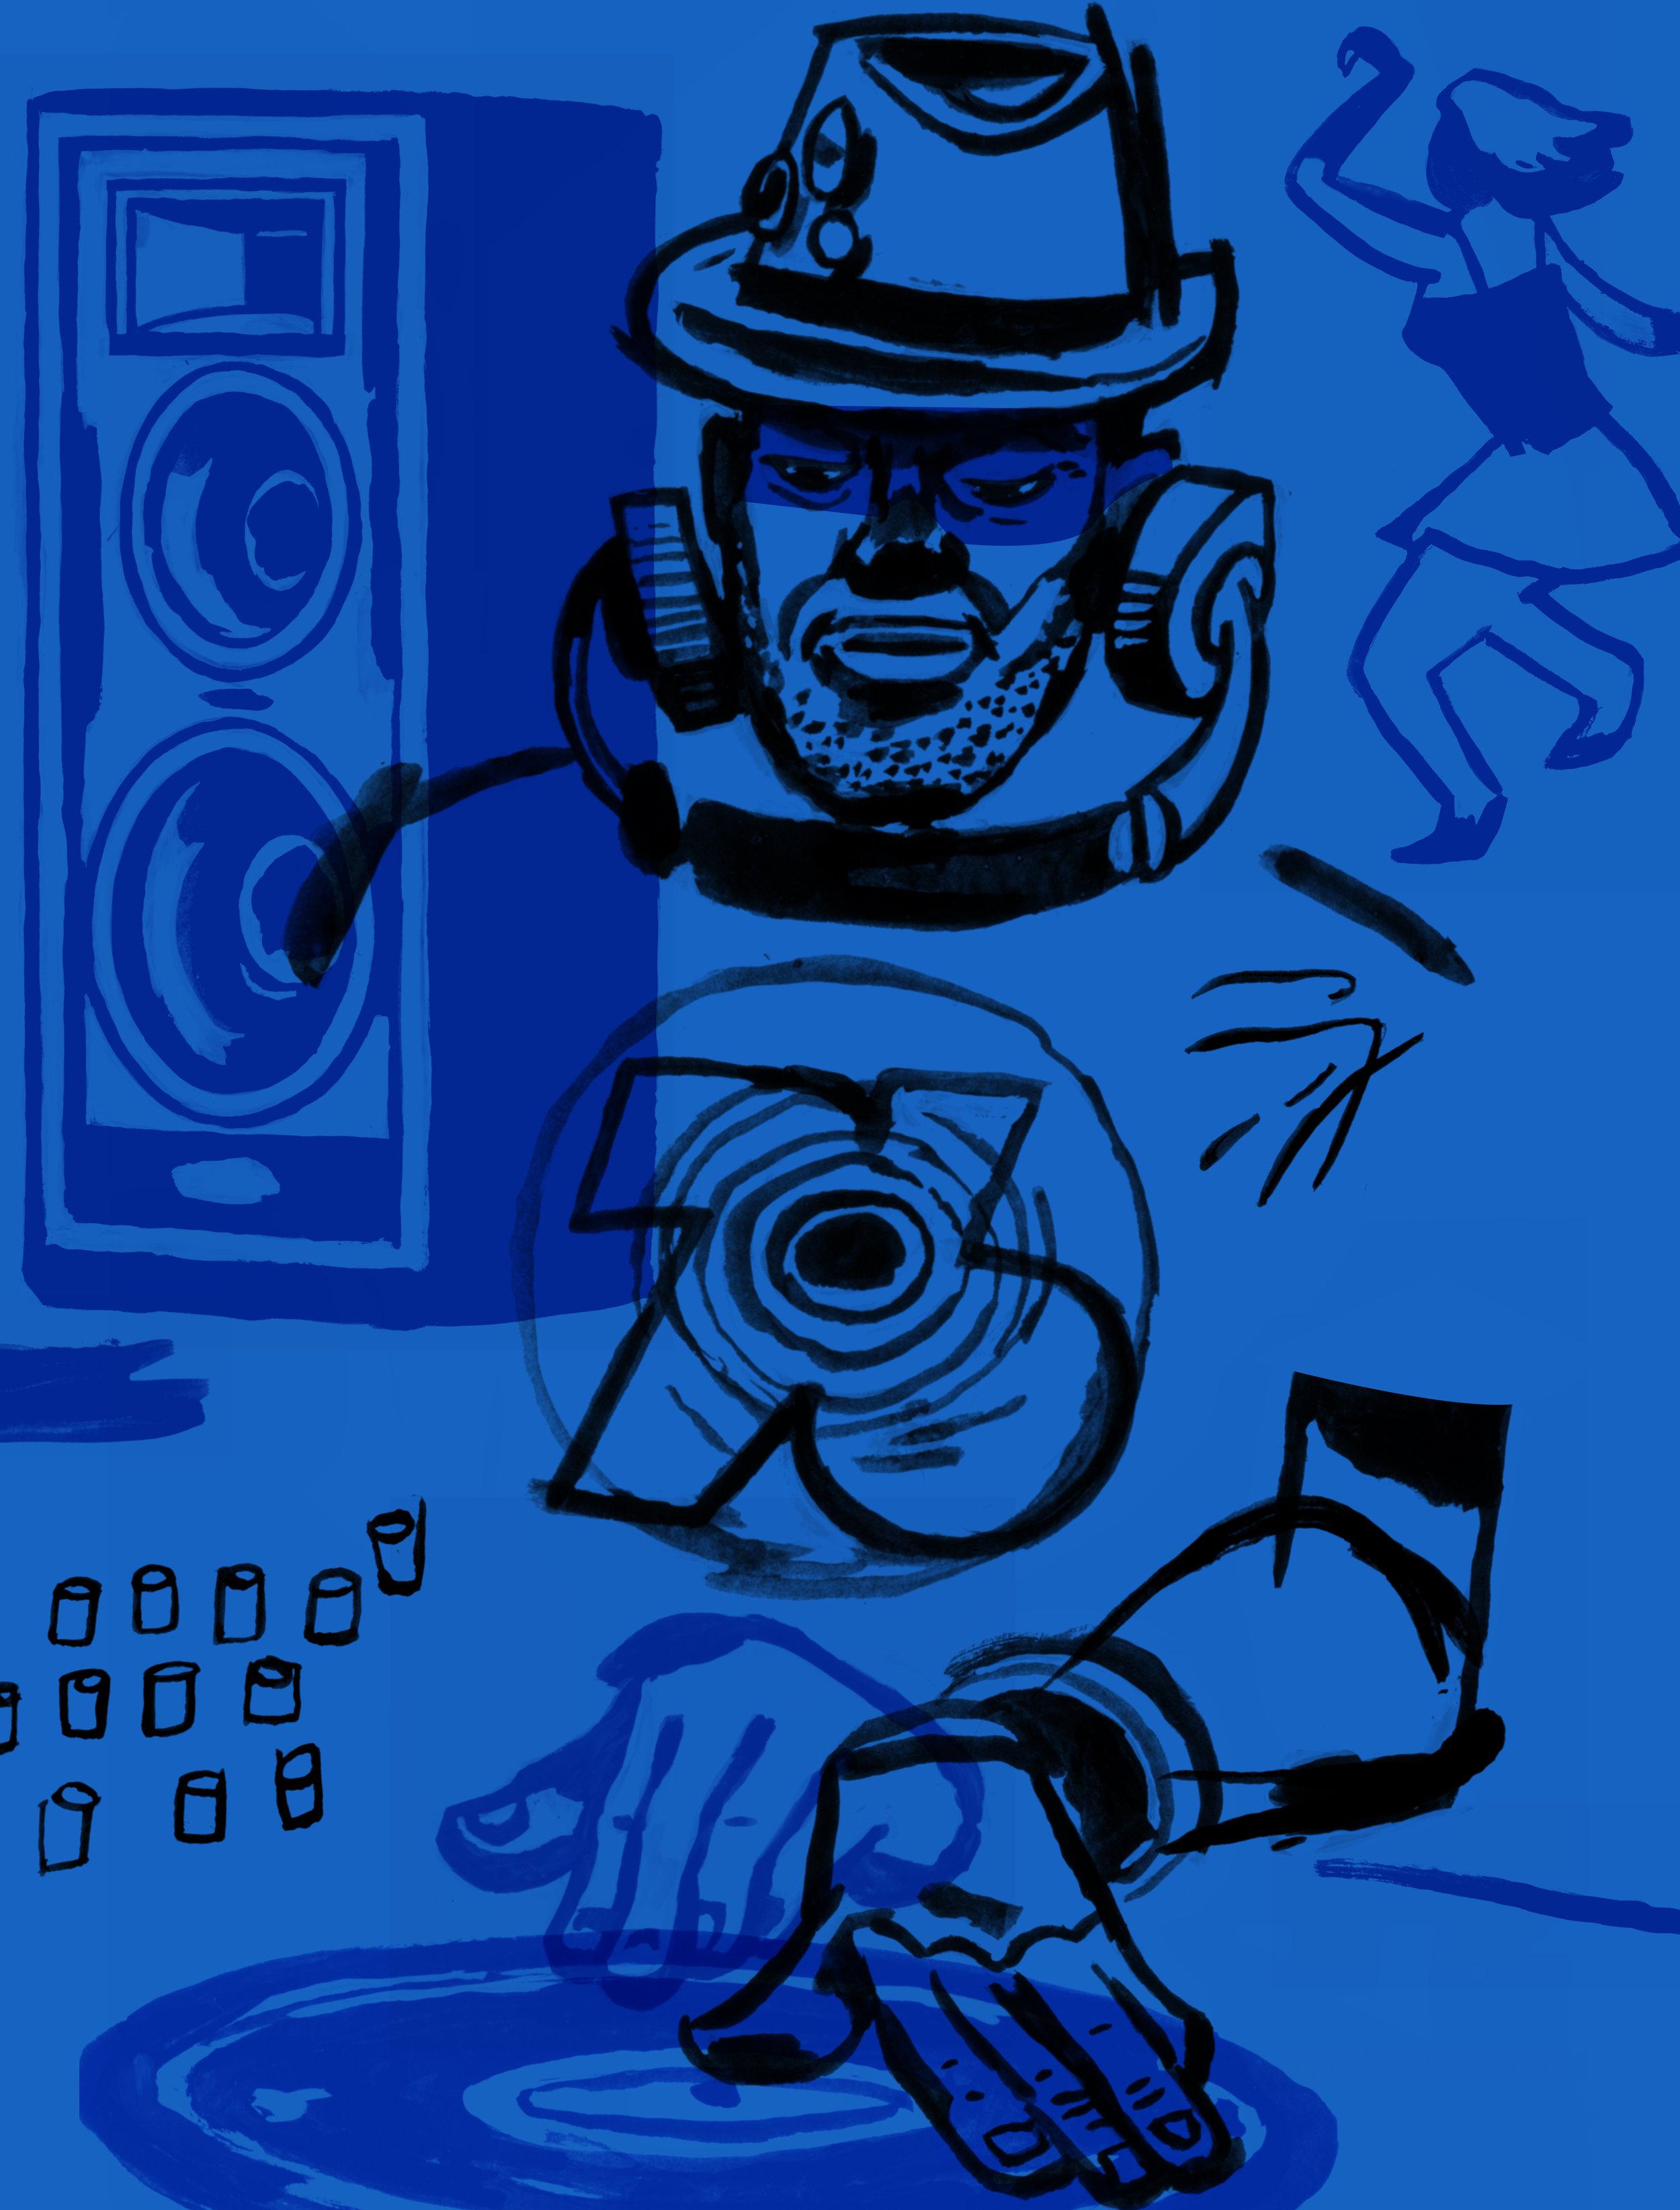 hip_hop_deejay_resolved.jpg